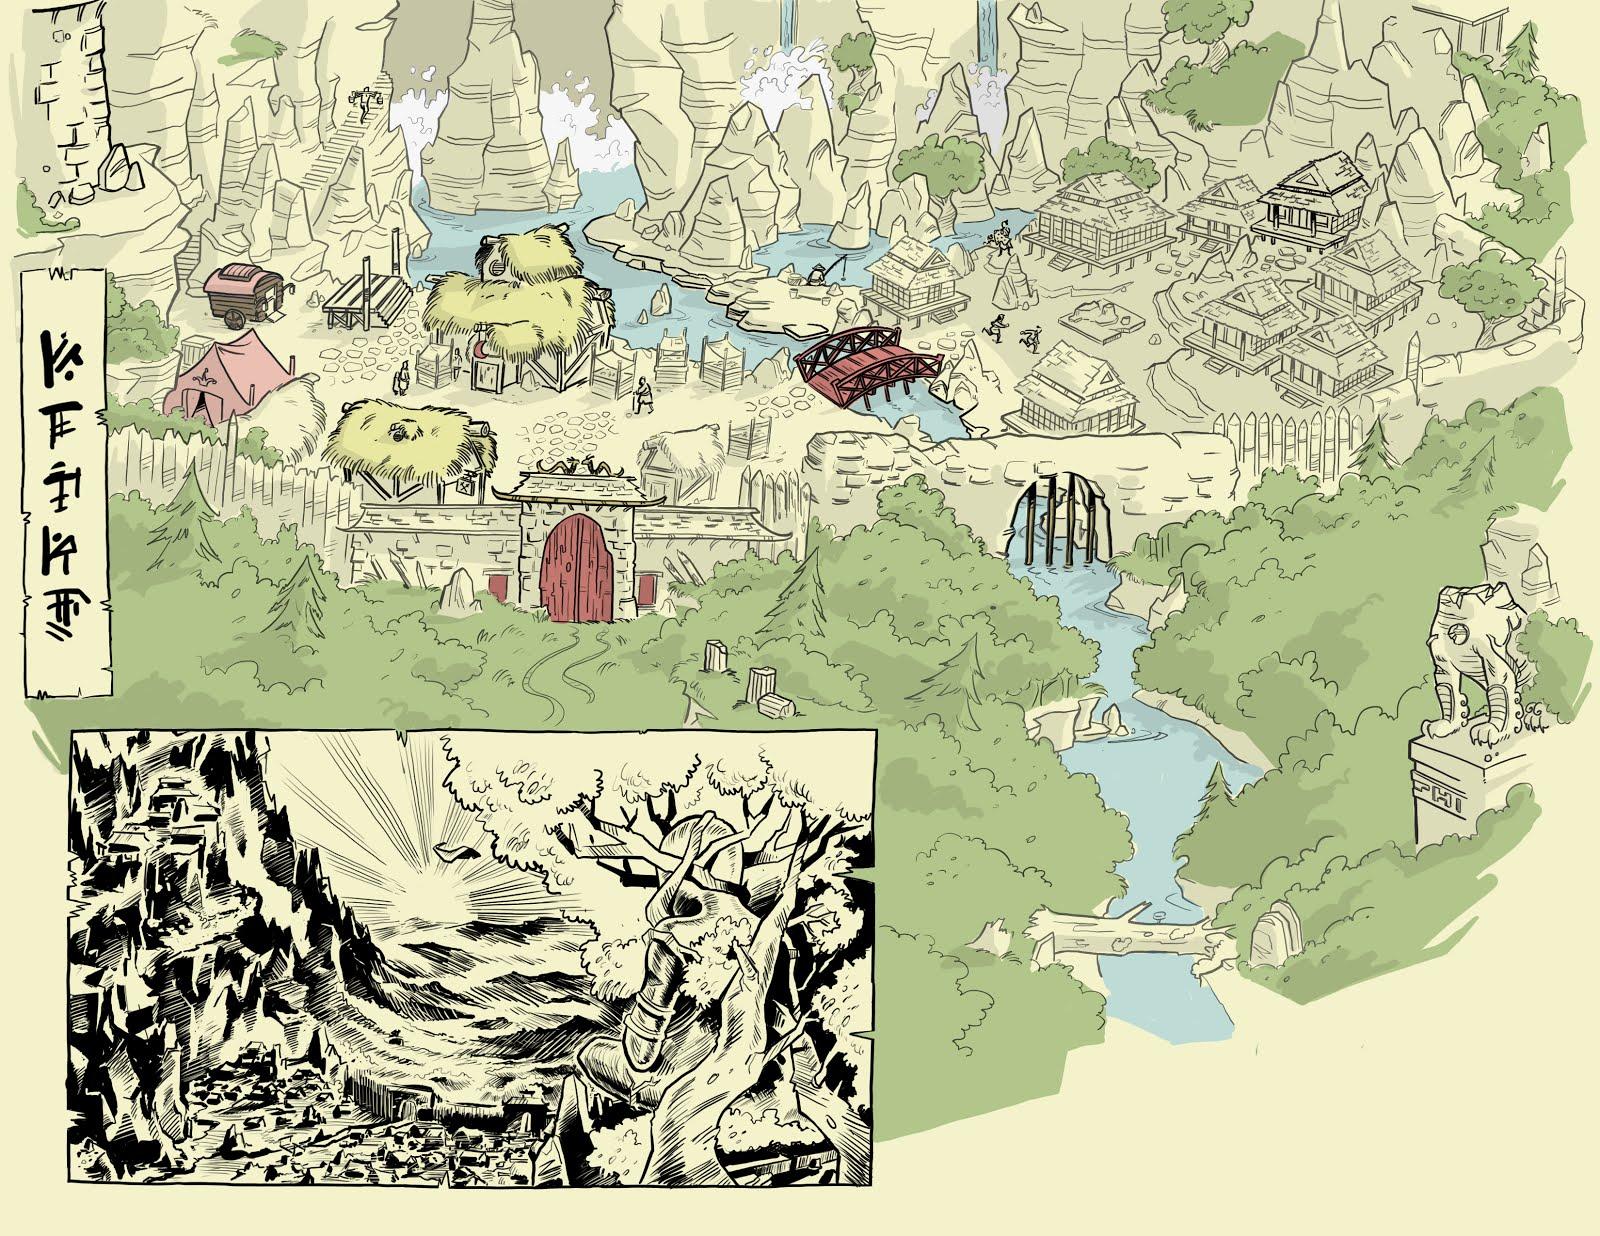 Orzone, le bas de la ville (donjons et dragons)